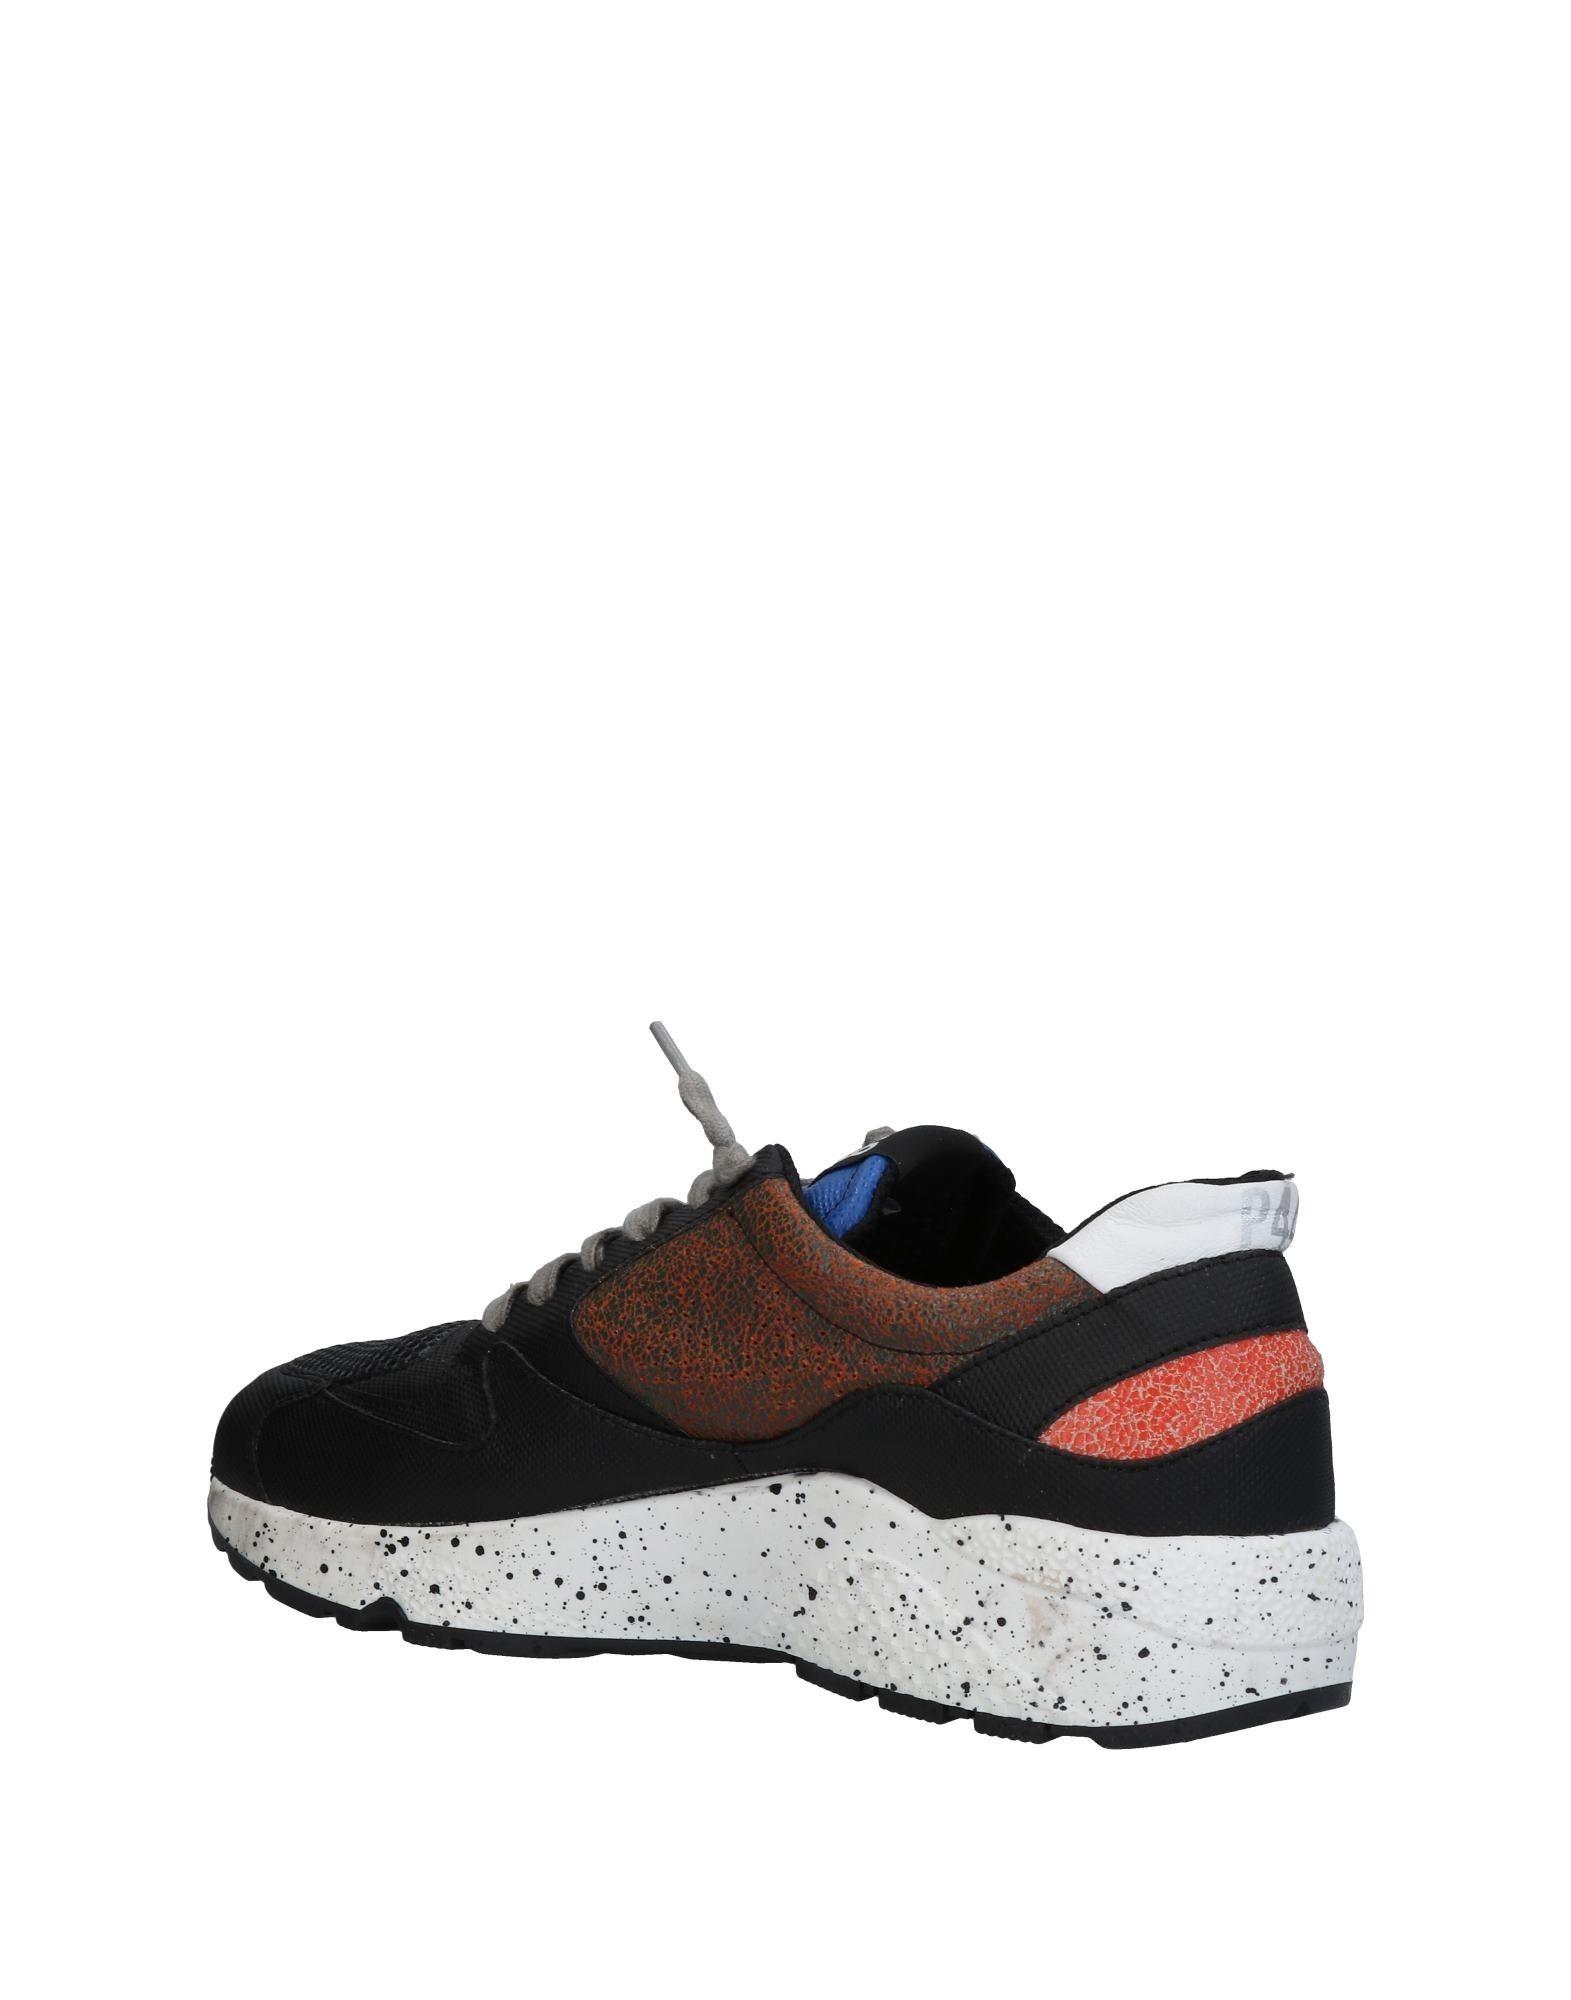 Rabatt P448 echte Schuhe P448 Rabatt Sneakers Herren  11457241FB 8de9dc